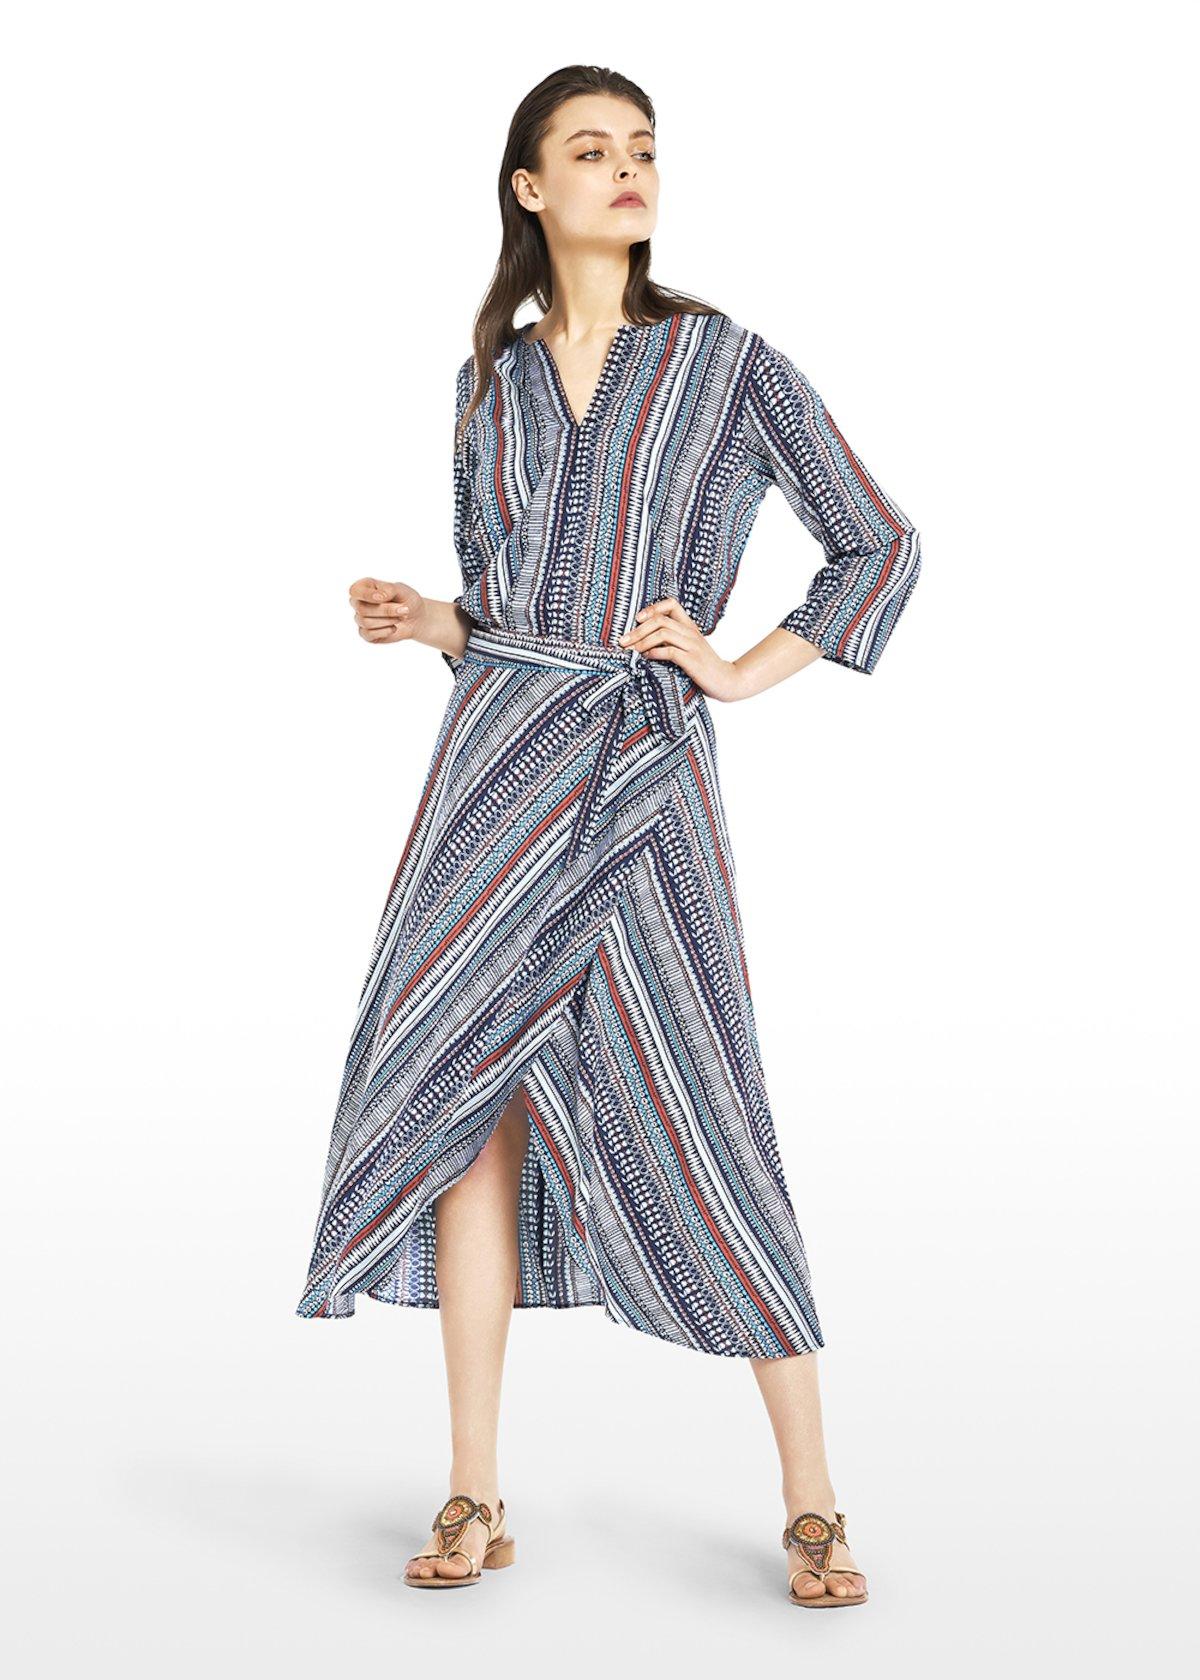 Blusa Cheryl stripes fantasy con scollo a V - Medium Blue\tobacco\fantasia - Donna - Immagine categoria